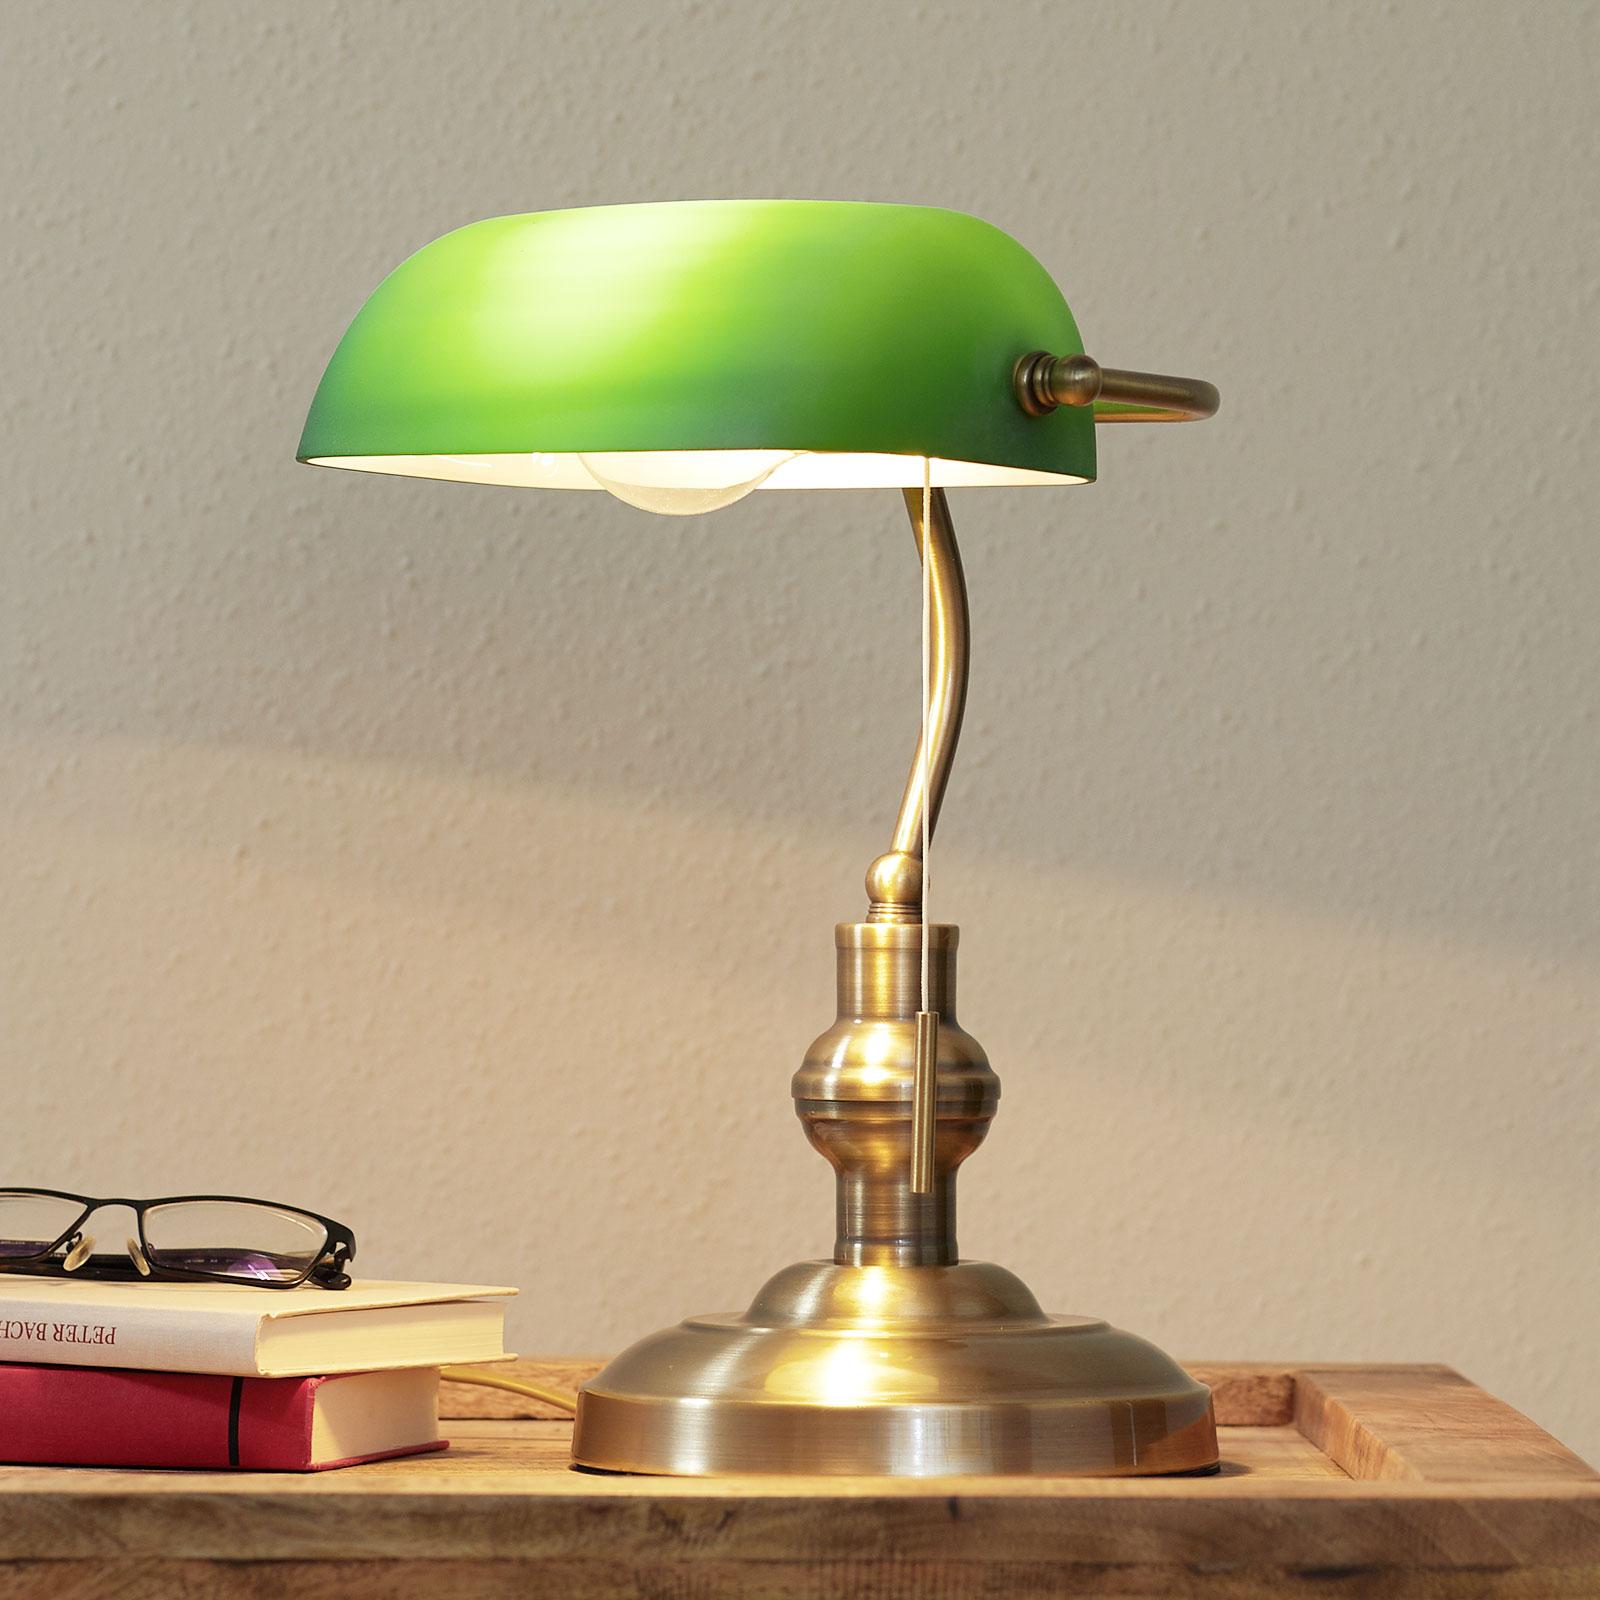 Milenka - Schreibtischlampe mit grünem Schirm